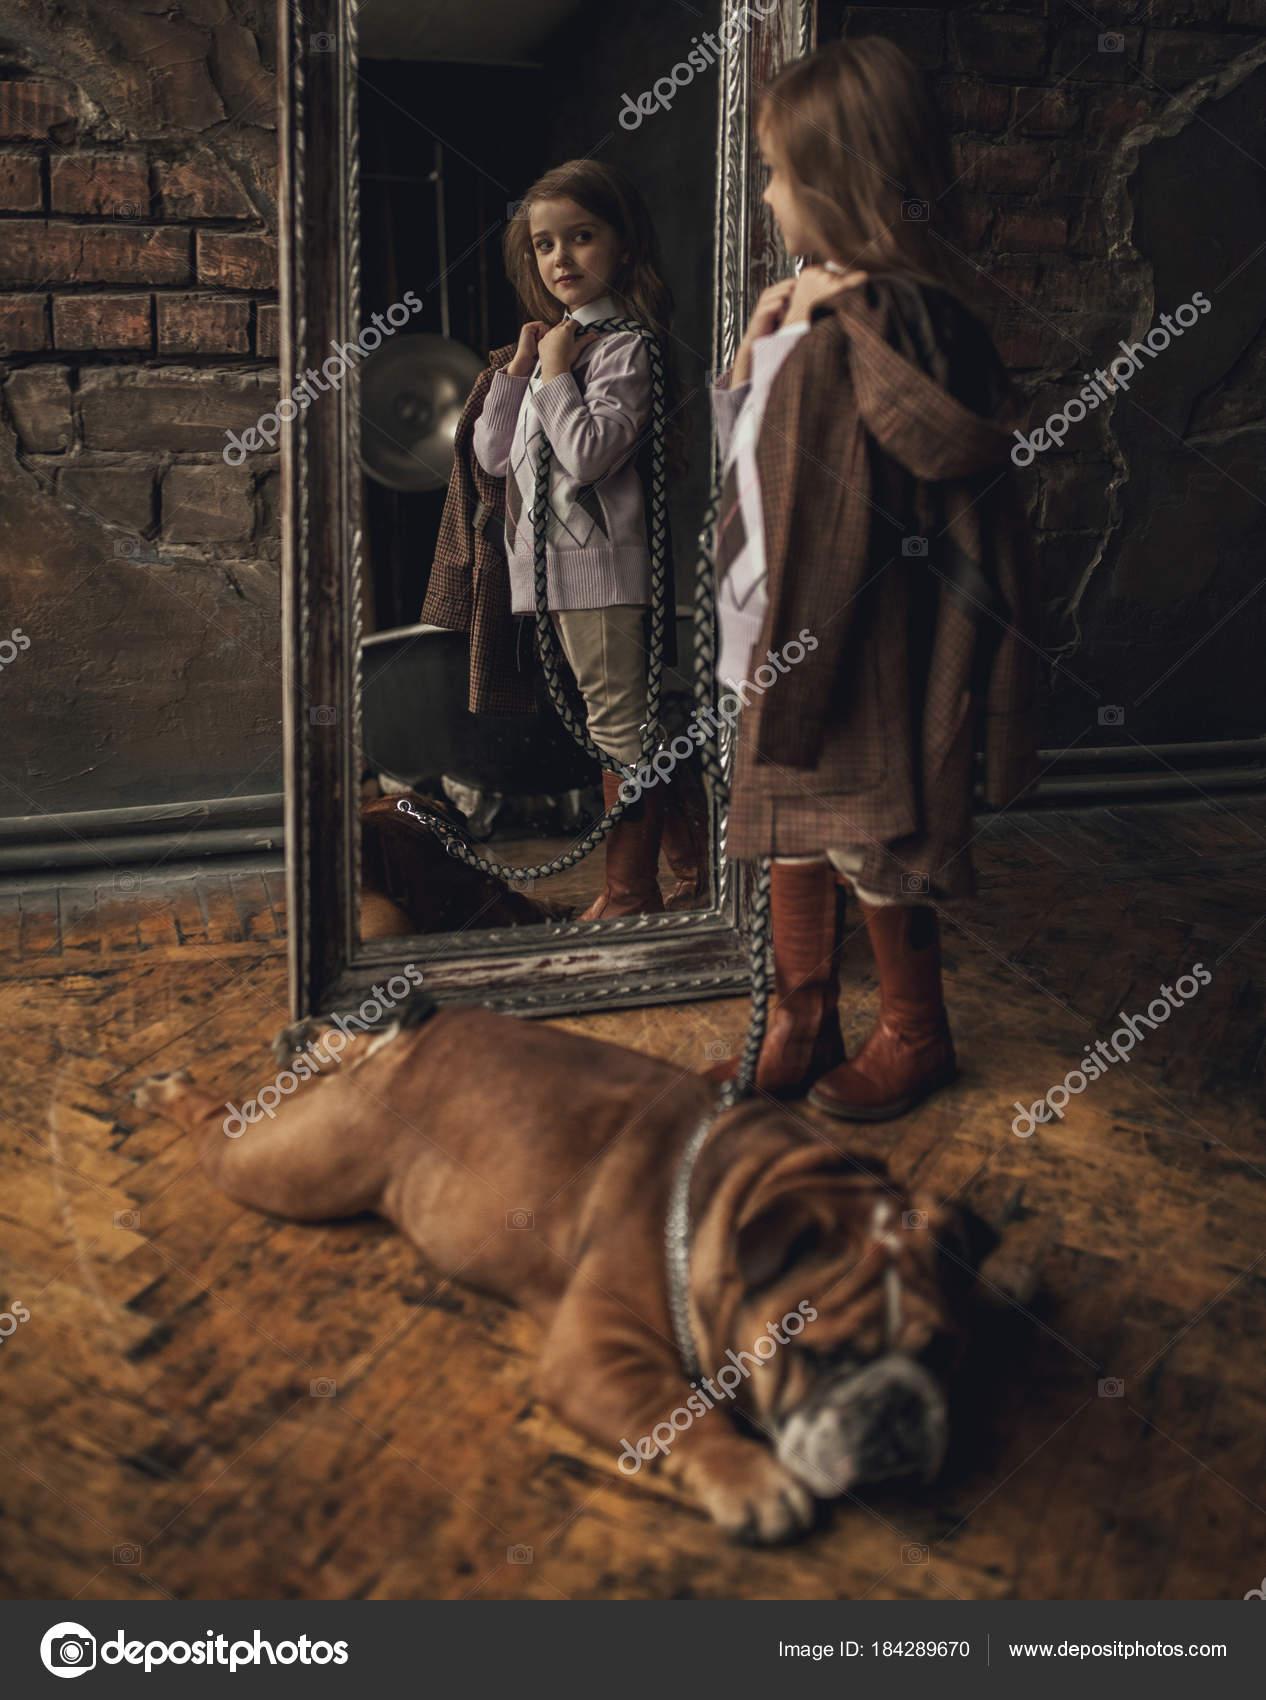 kind madchen im bild von sherlock holmes steht neben englisch bulldog und befasst sich mit spiegelbild